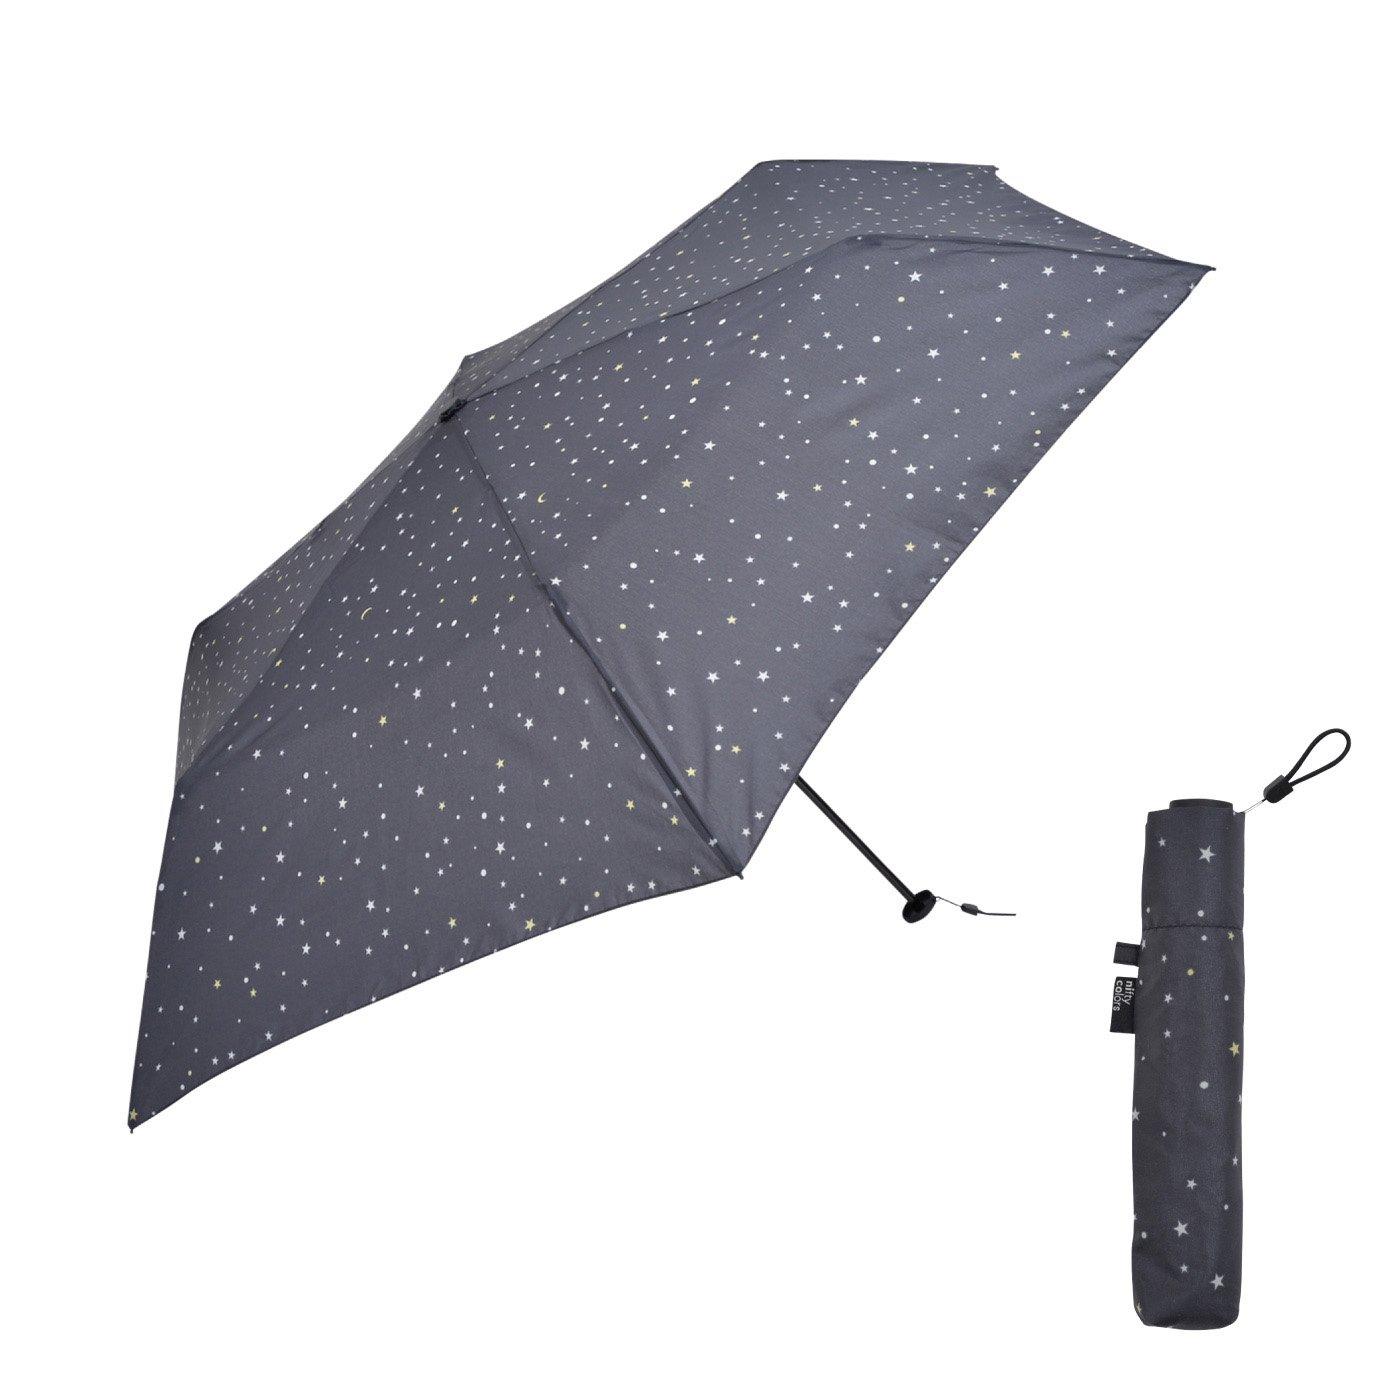 らくらく開閉!軽量&スリム  カーボンミニ晴雨兼用雨傘スター